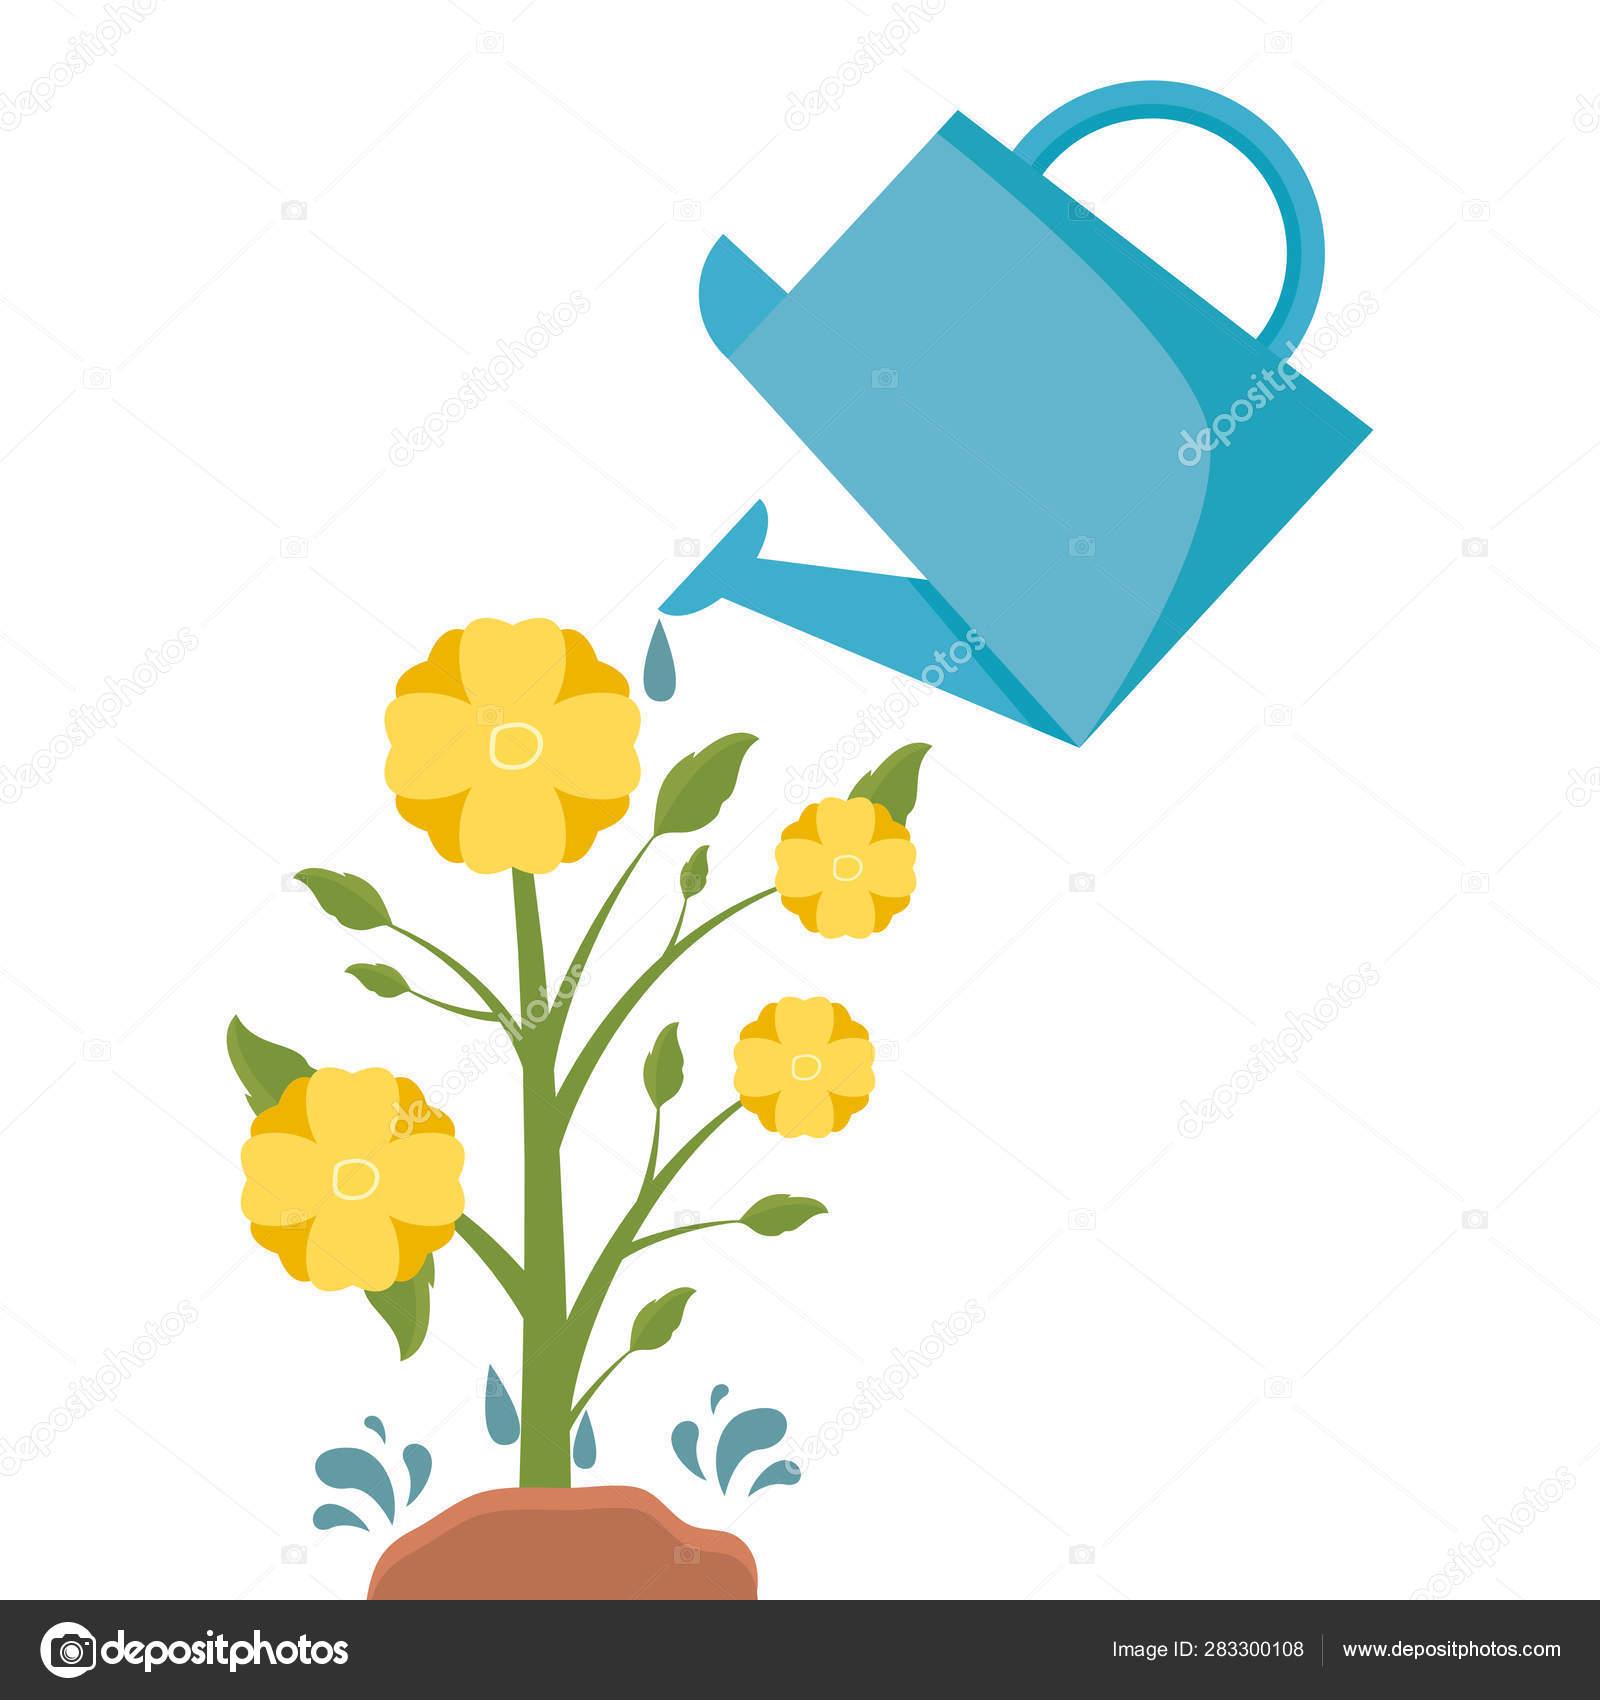 Tools Decoration Gardening Flat Design Vector Image By C Yupiramos Vector Stock 283300108